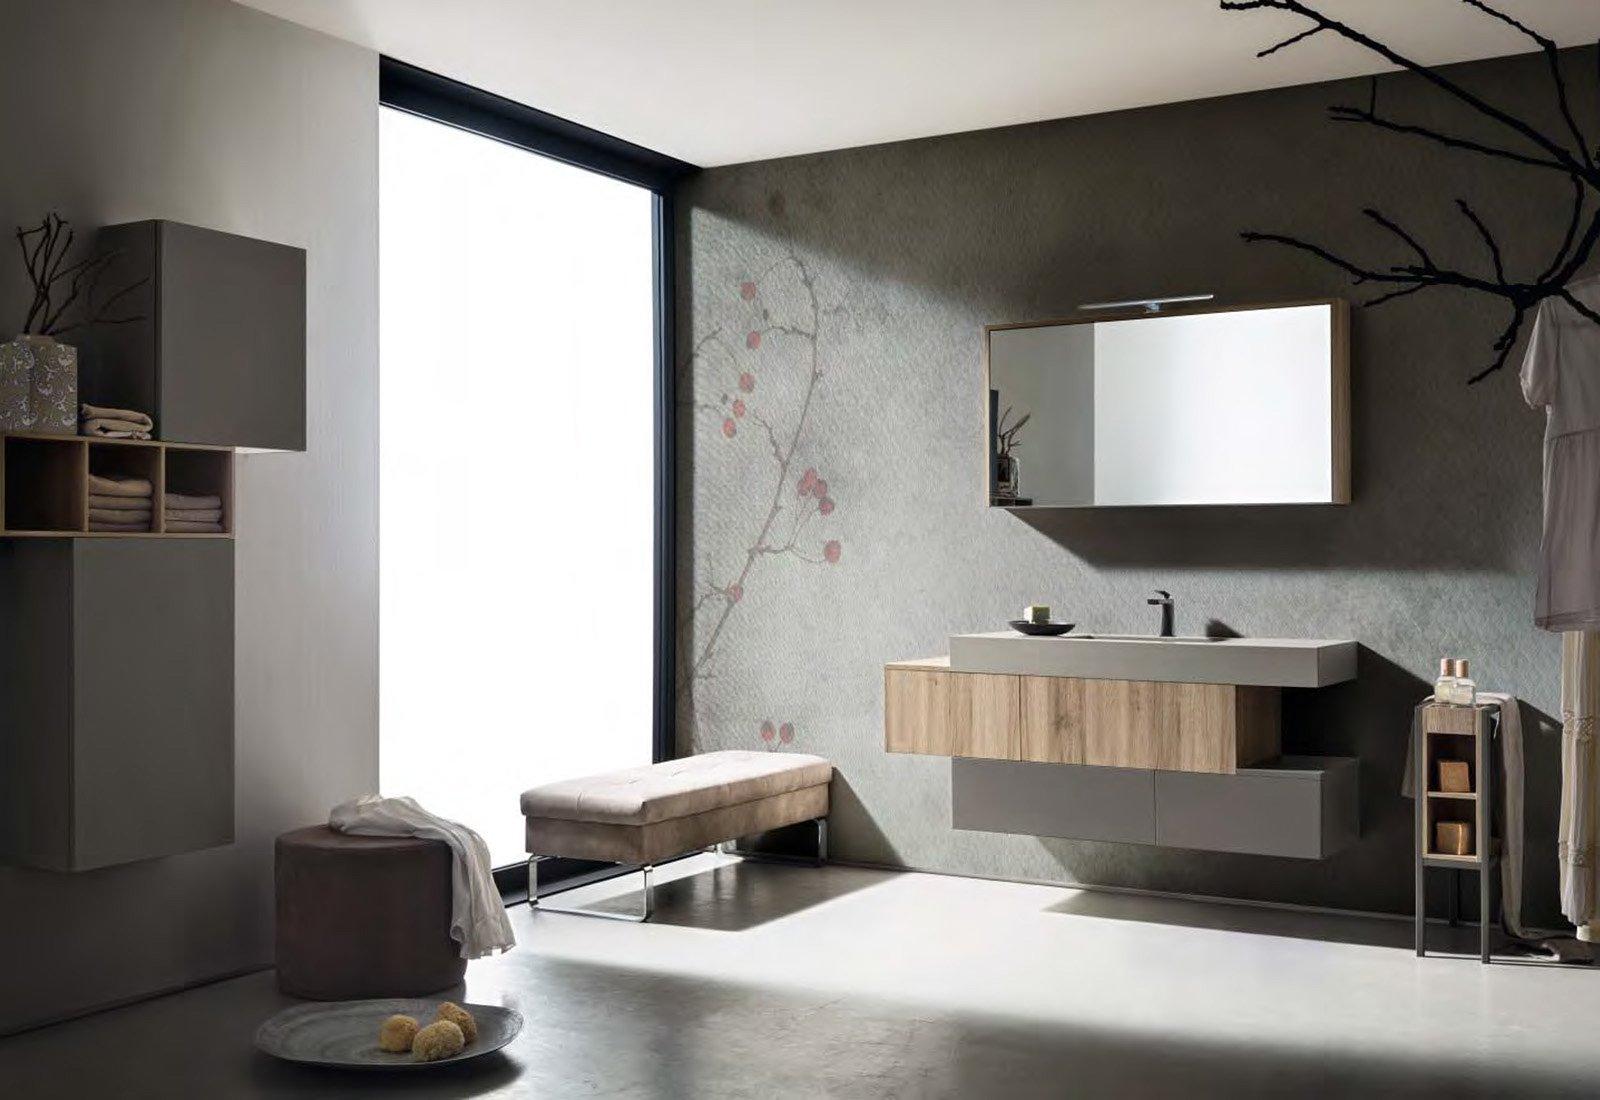 Un bagno completo con il nuovo progetto firmato cerasa - Come lucidare una vasca da bagno opaca ...